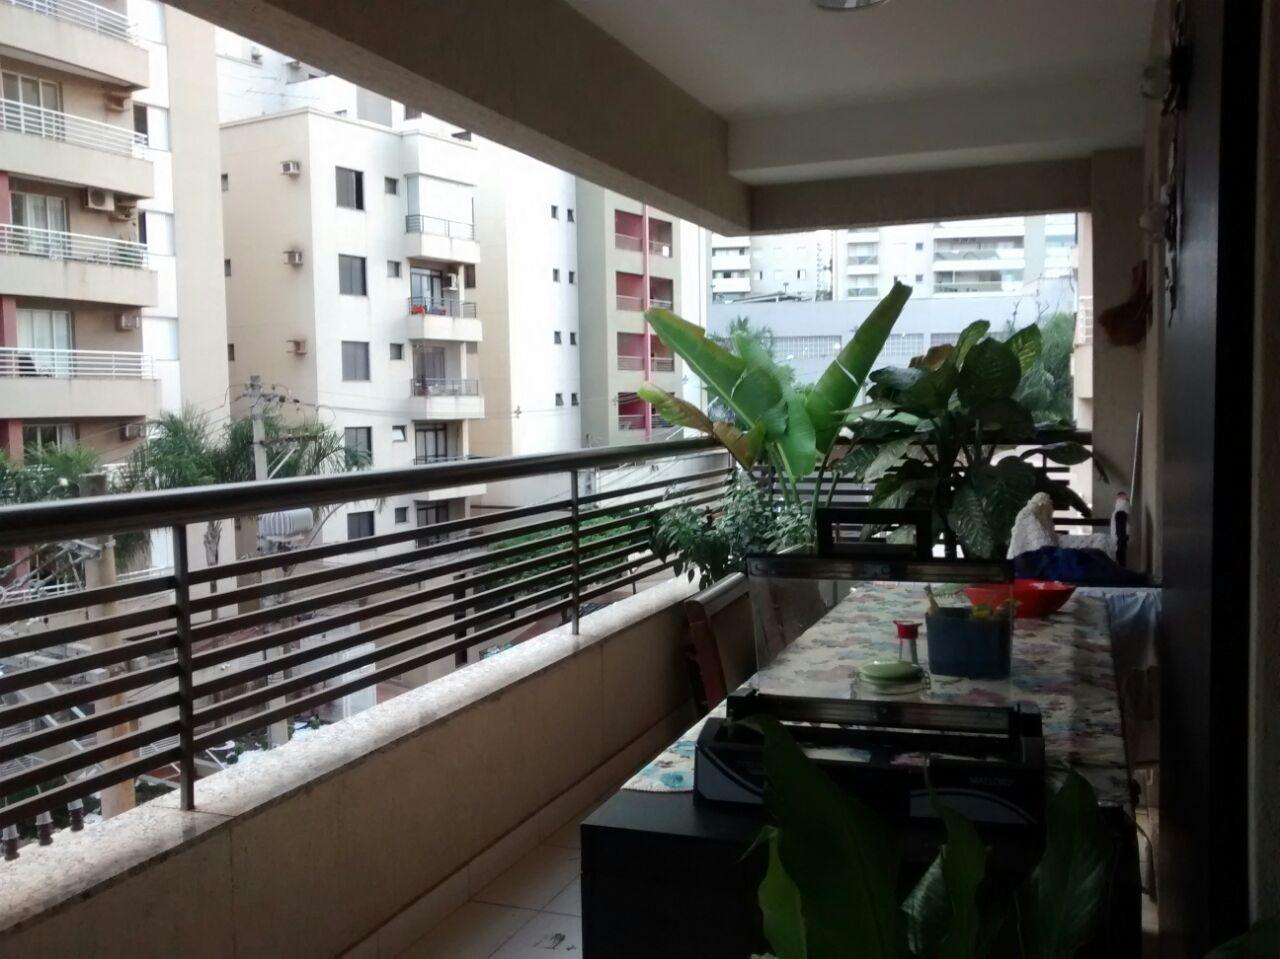 297 - Apto Jardim Botânico 115 m²